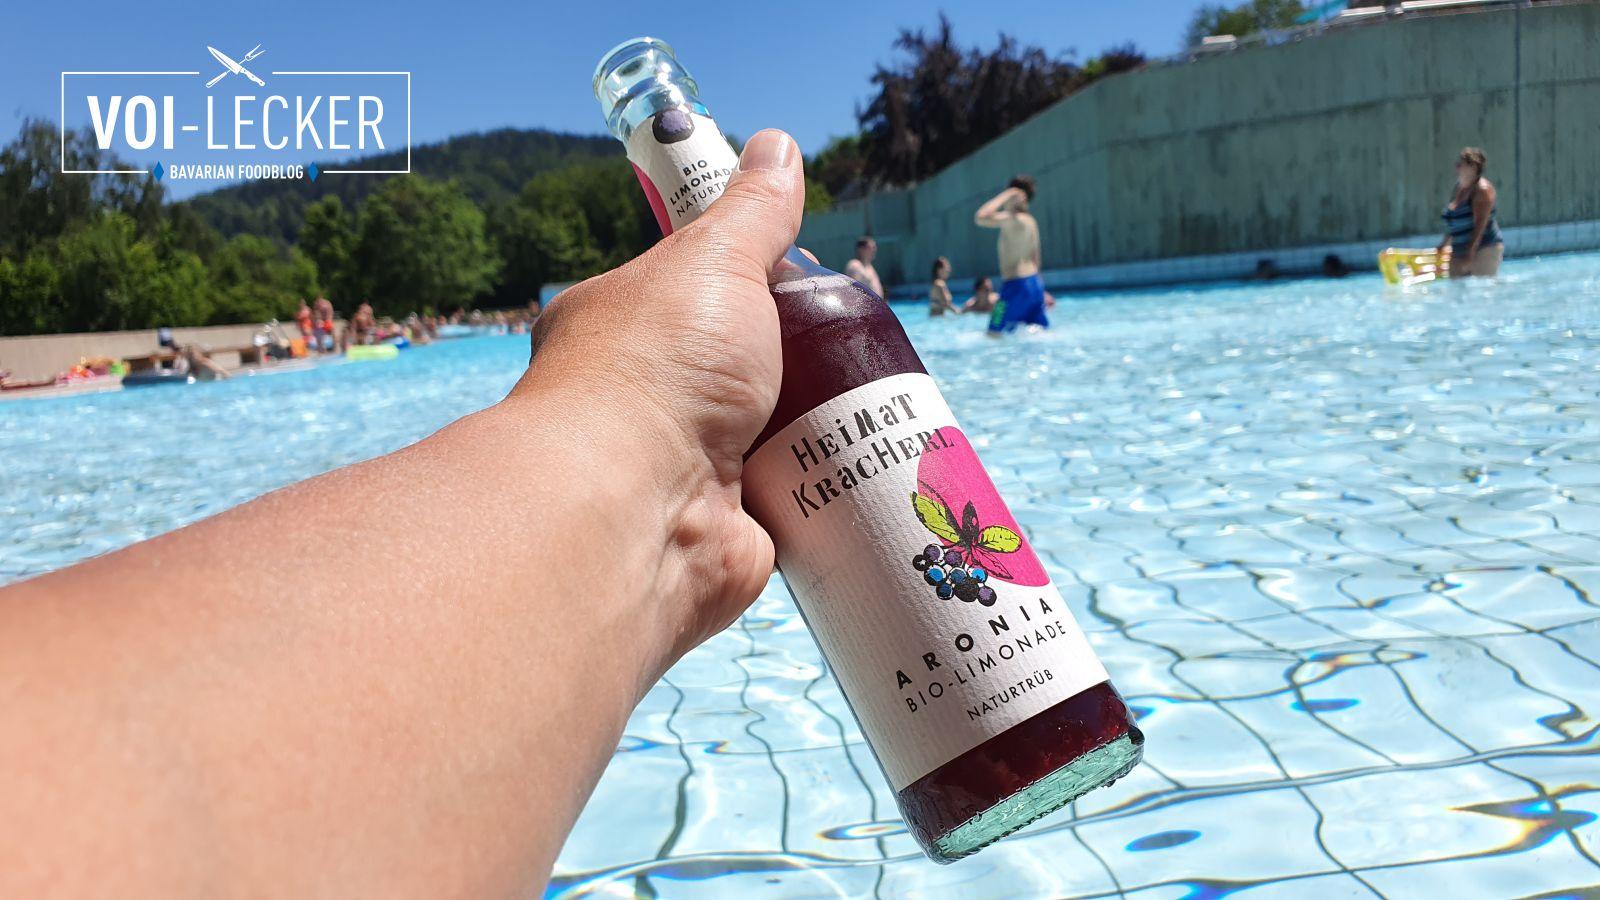 Eine Flasche Heimat Kracherl in der Hand vor einem Freibad